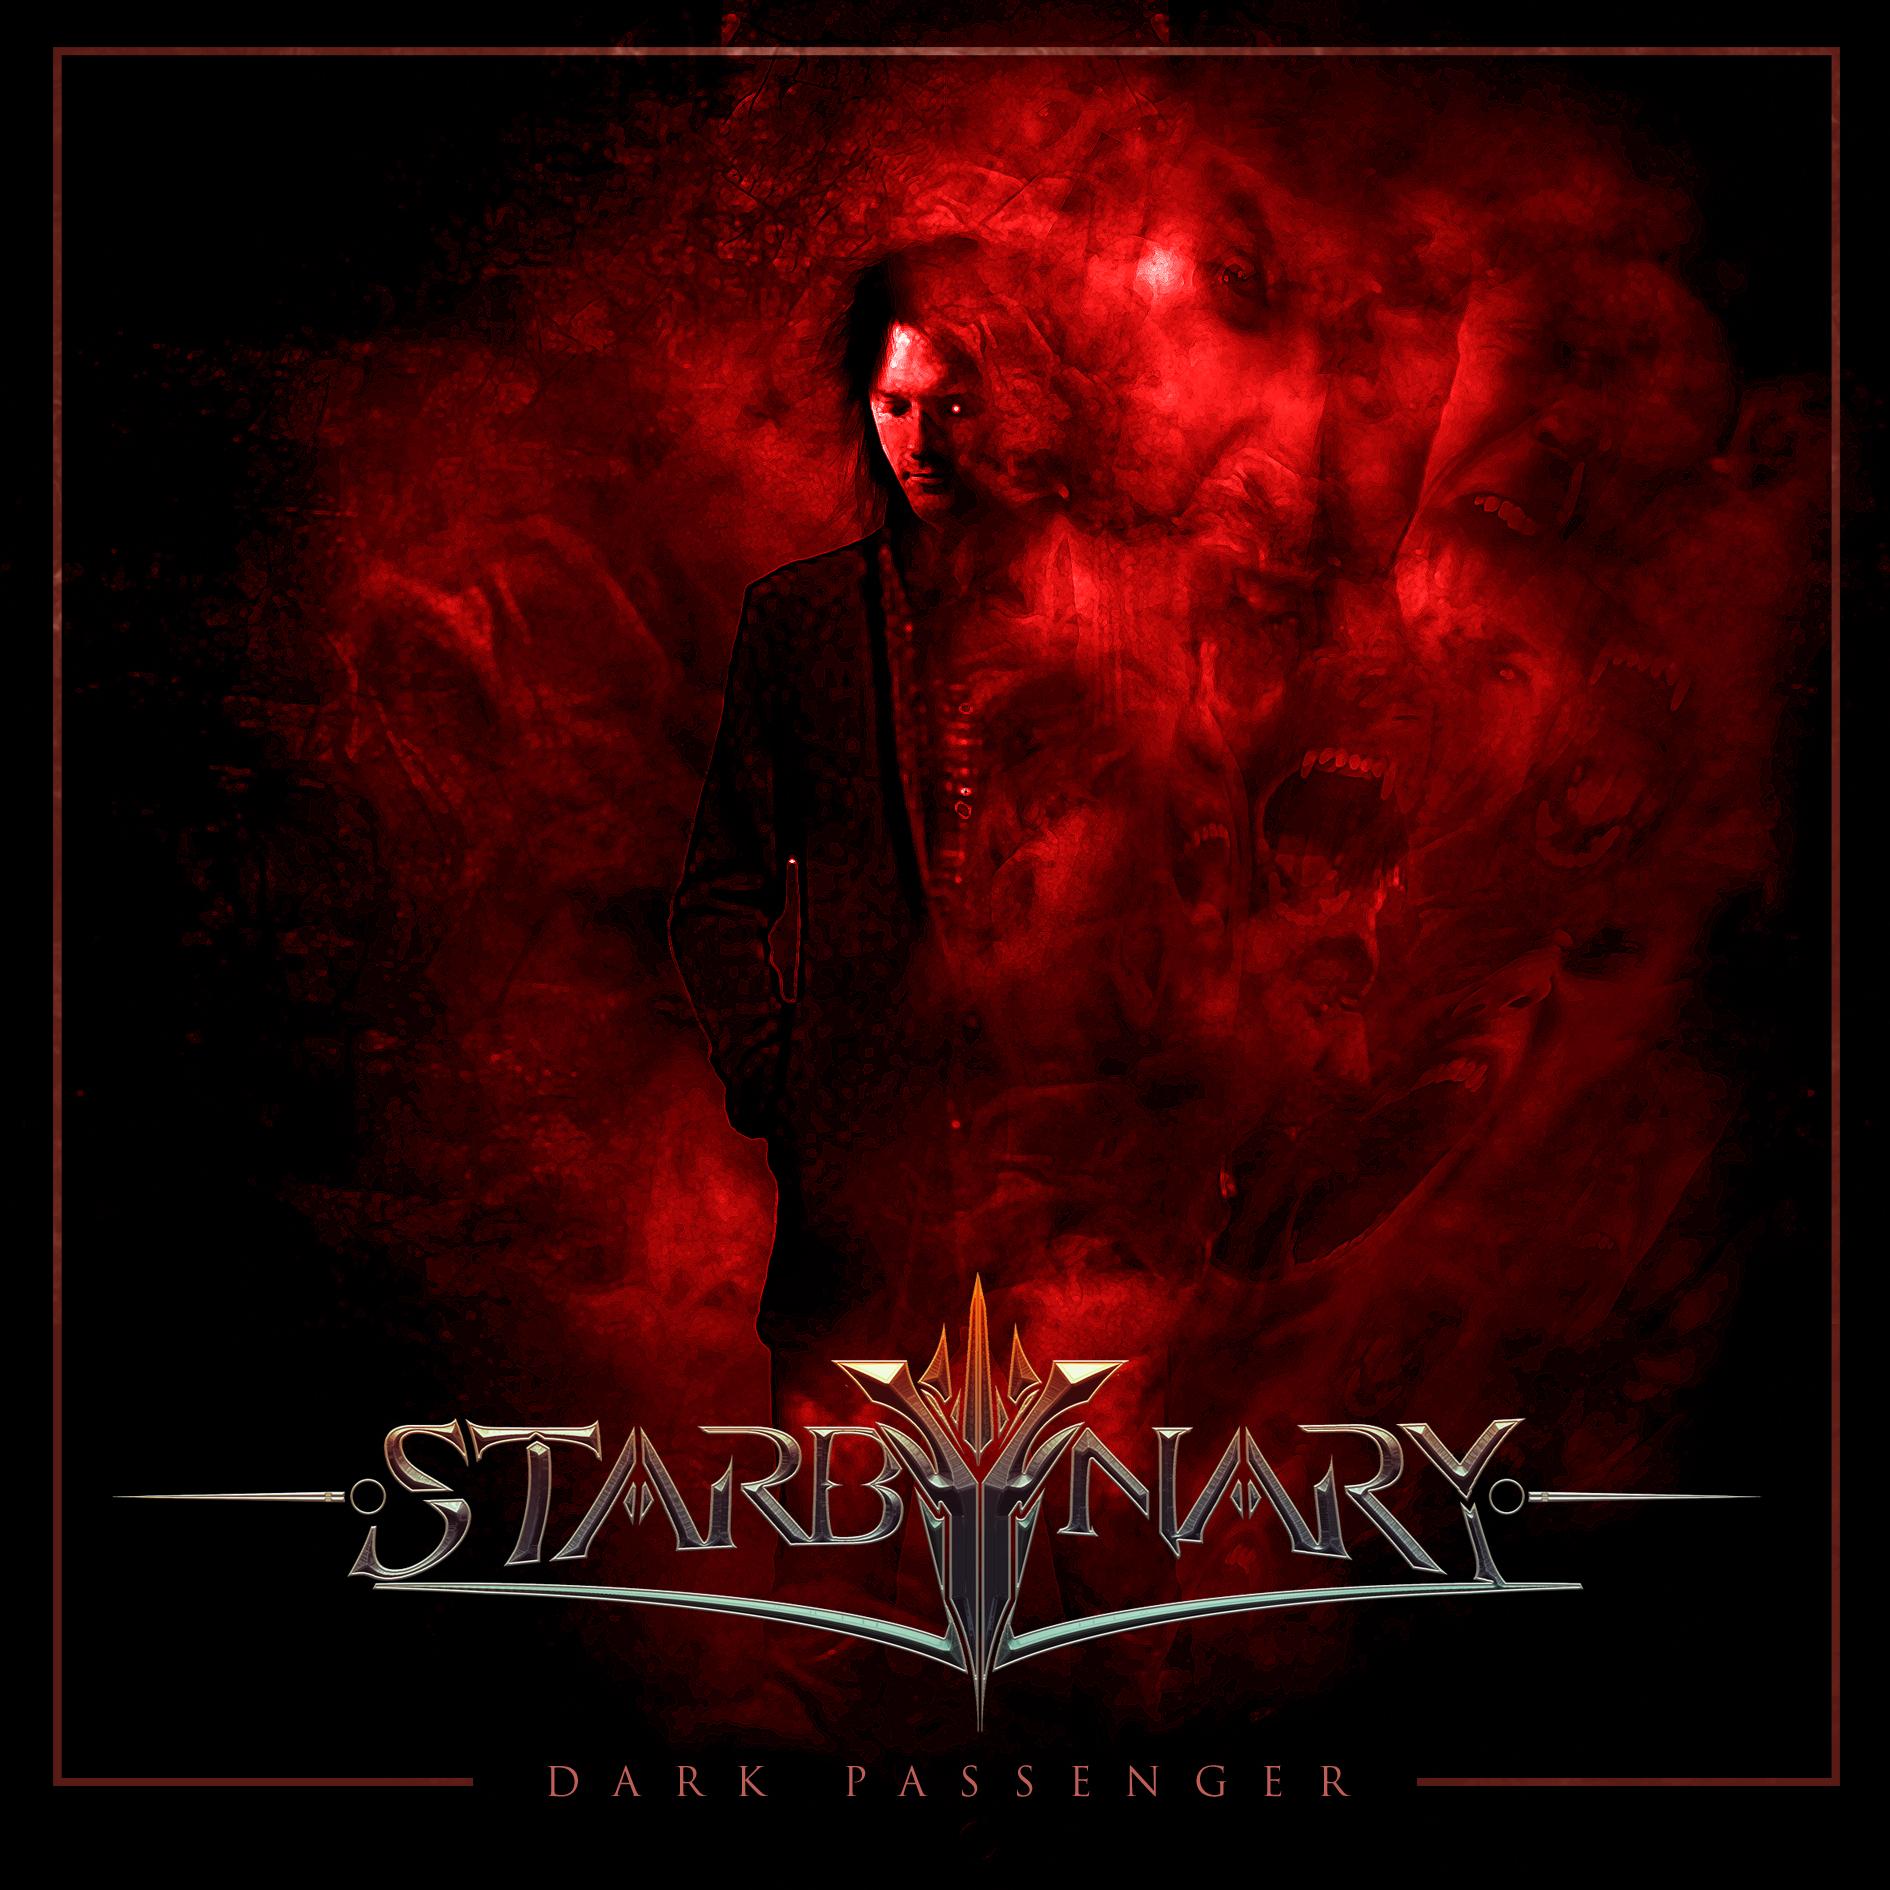 Starbynary Dark Passenger